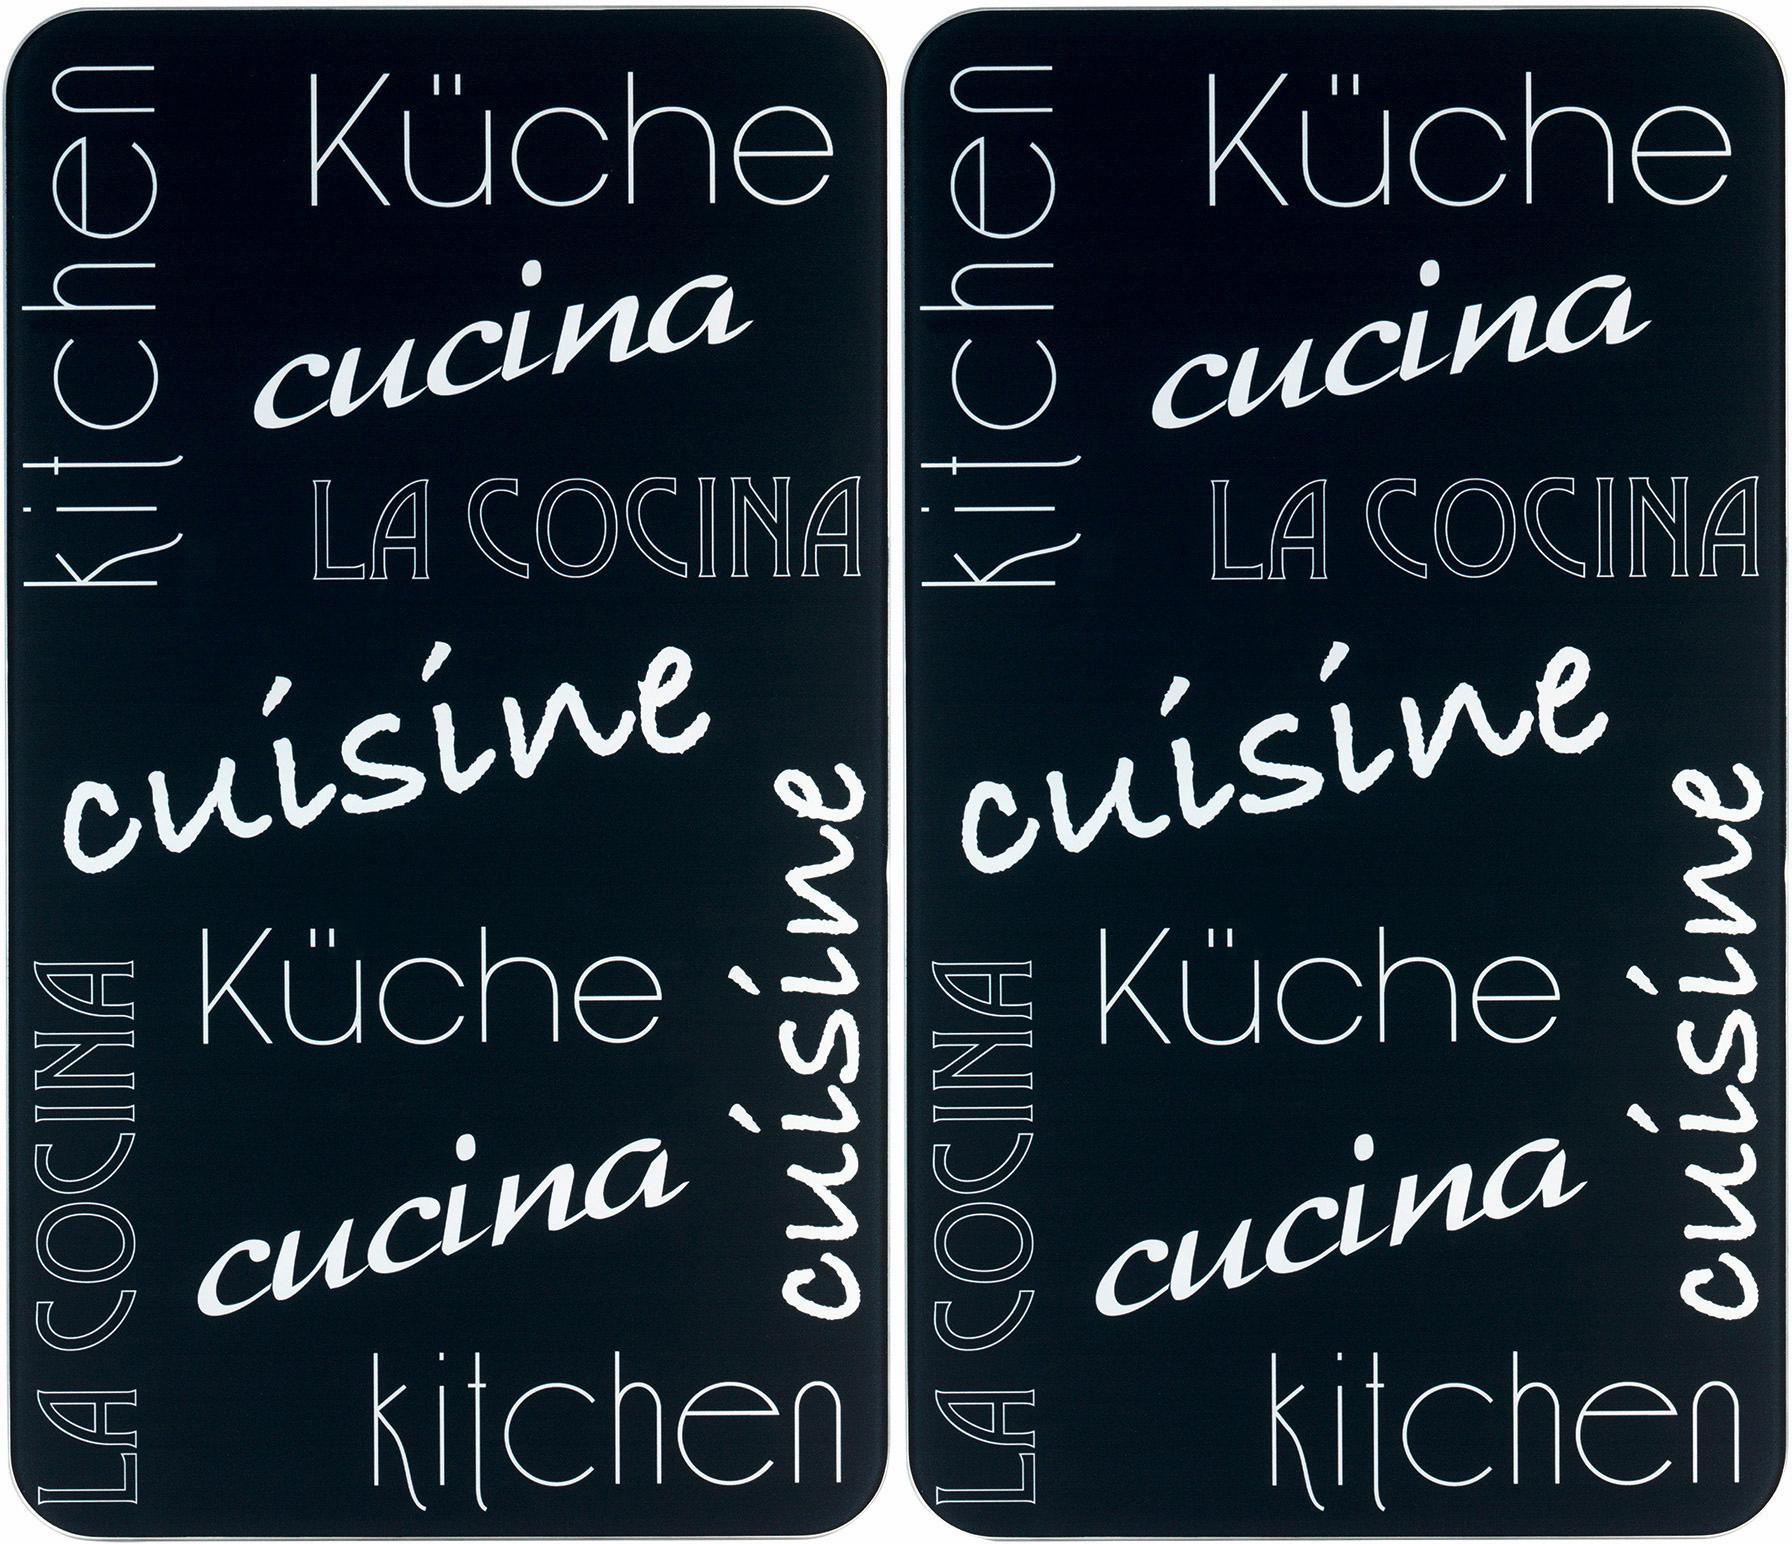 Schön Einpassen Eine Neue Küche Spülbatterie Fotos - Küchen Design ...